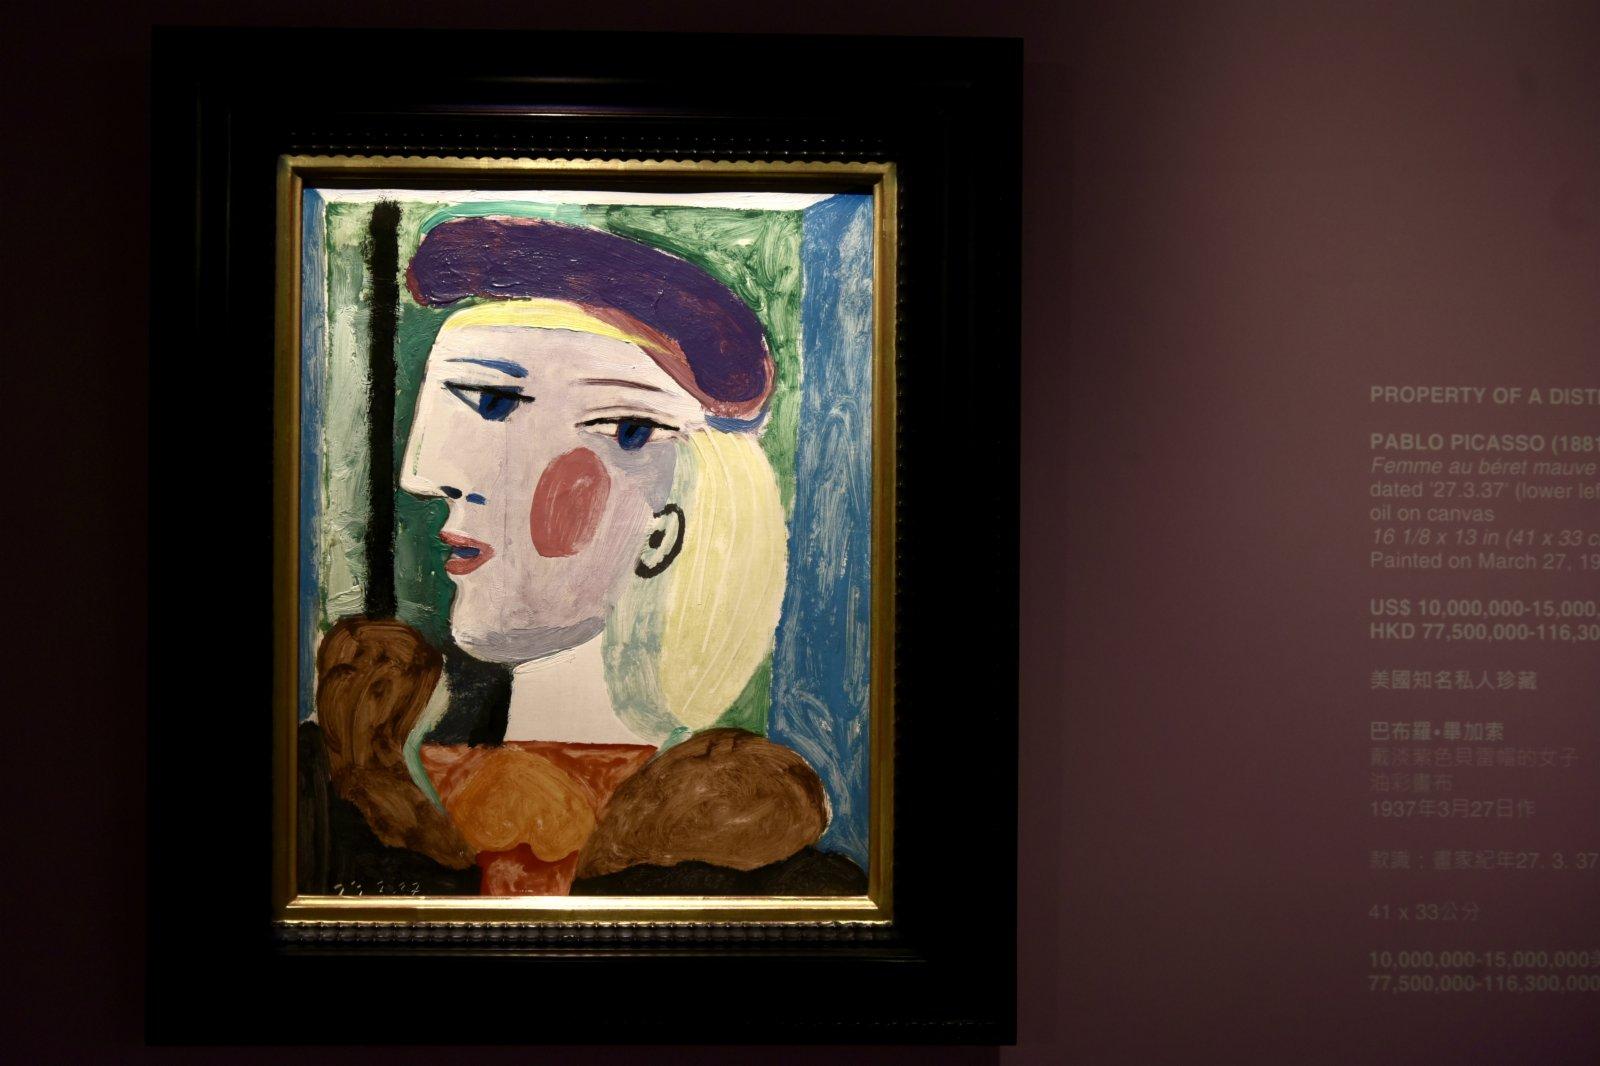 圖為巴布羅·畢加索的《戴淡紫色貝雷帽的女子》。